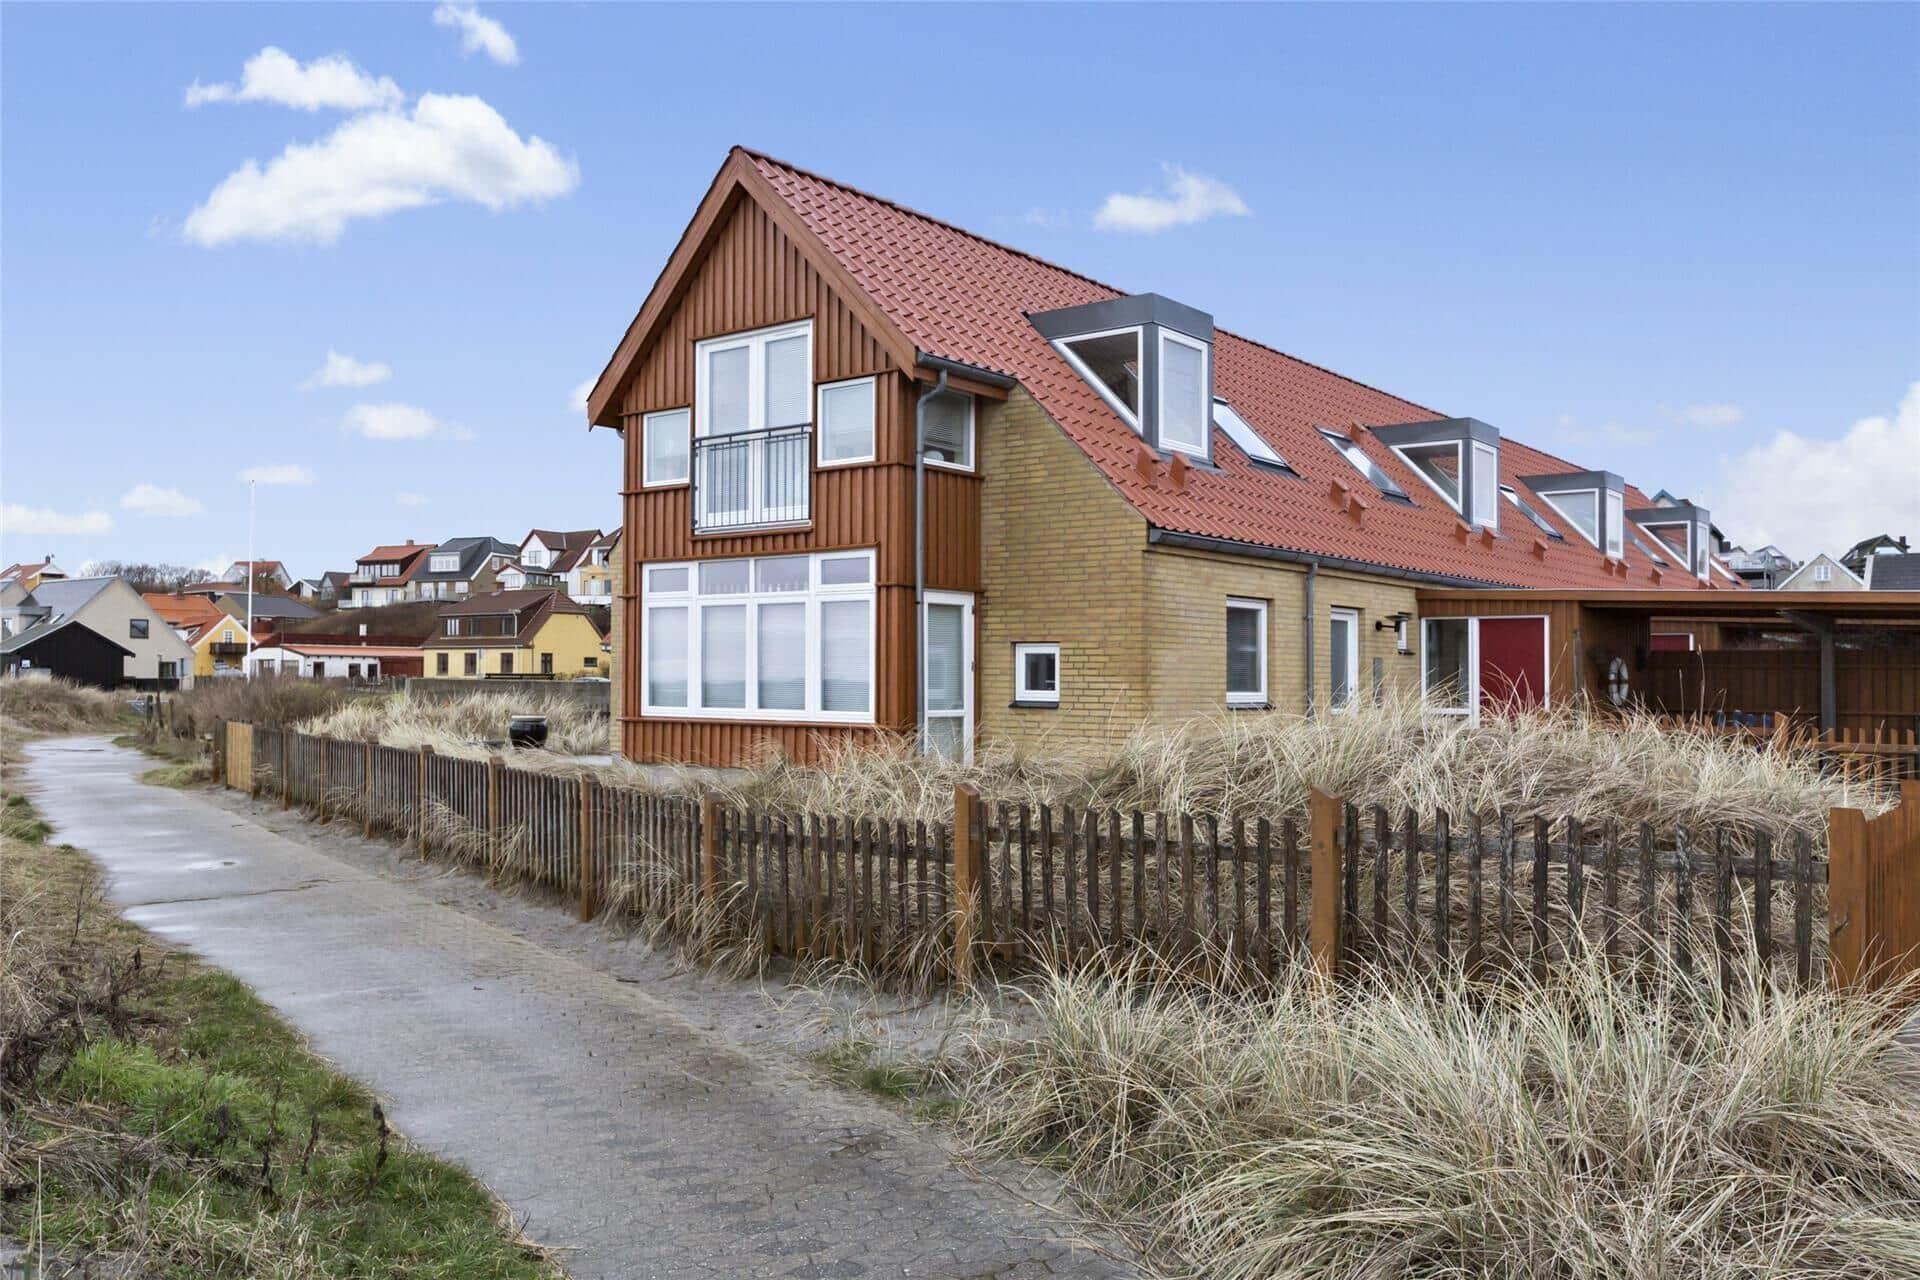 Billede 1-1336 Sommerhus 1167-N, Kattegat Strandhave 38, DK - 3390 Hundested